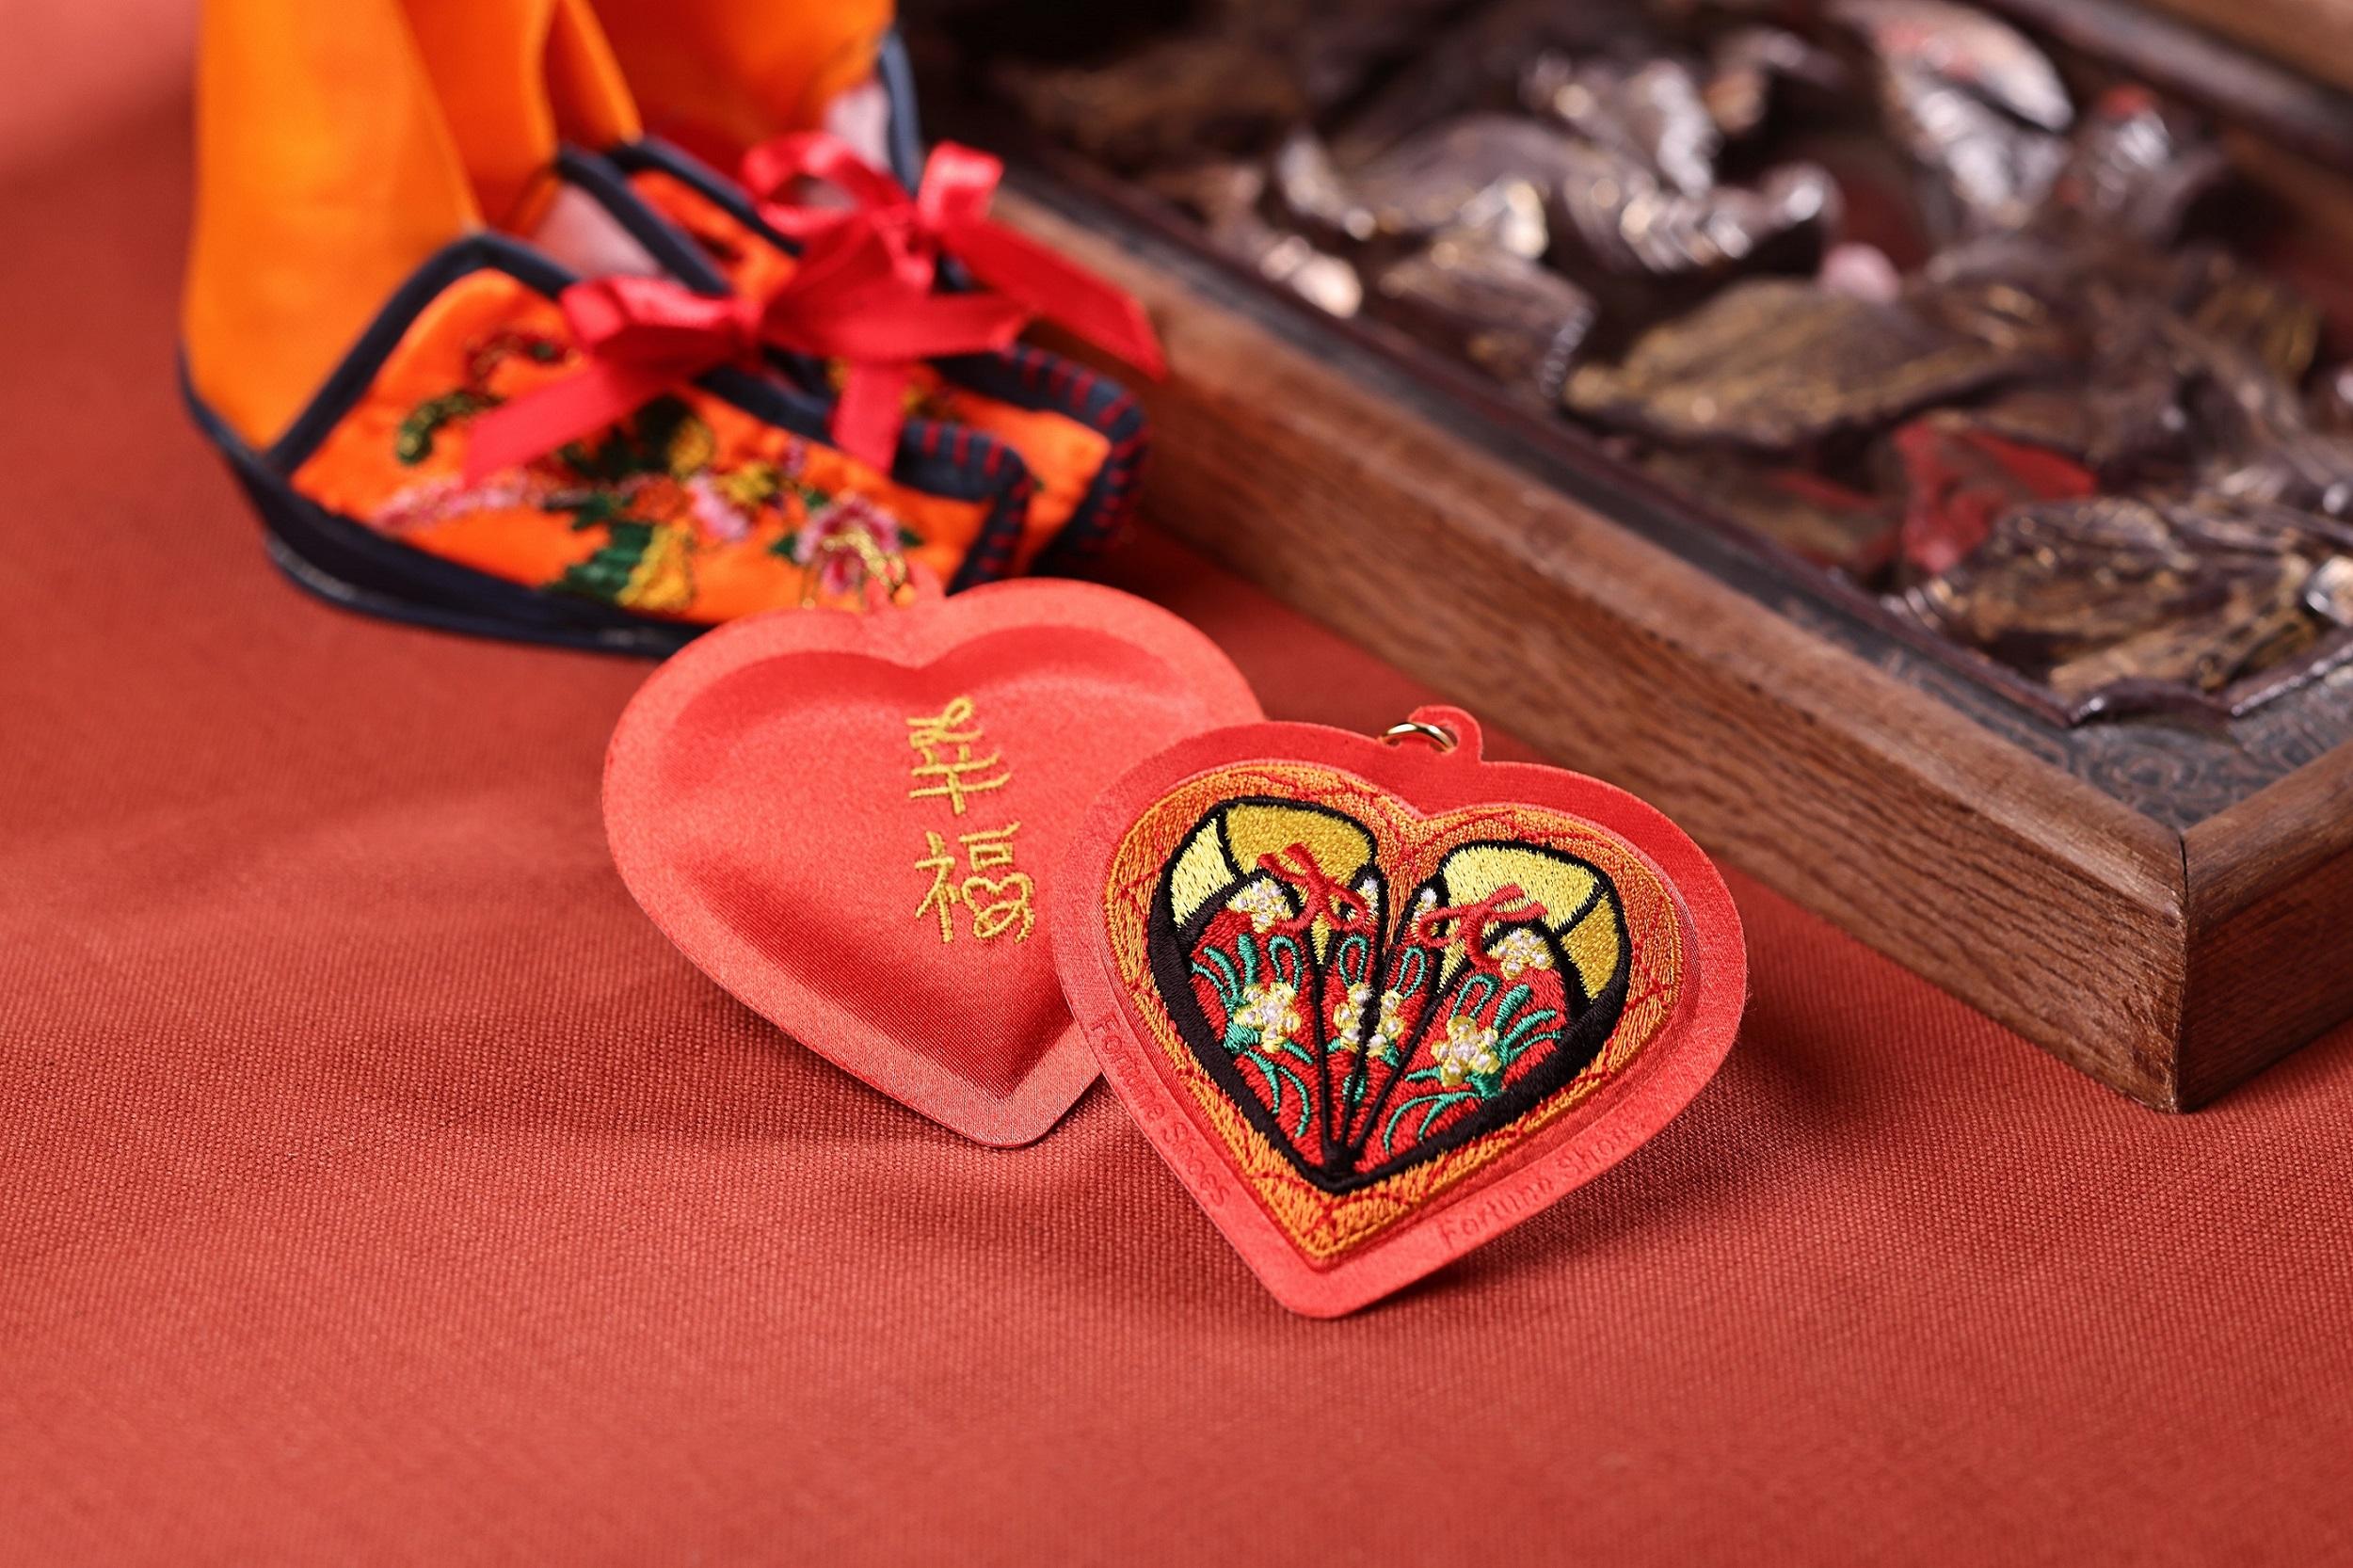 圖1_台北霞海城隍廟與一卡通聯名推城隍夫人幸福鞋香包一卡通